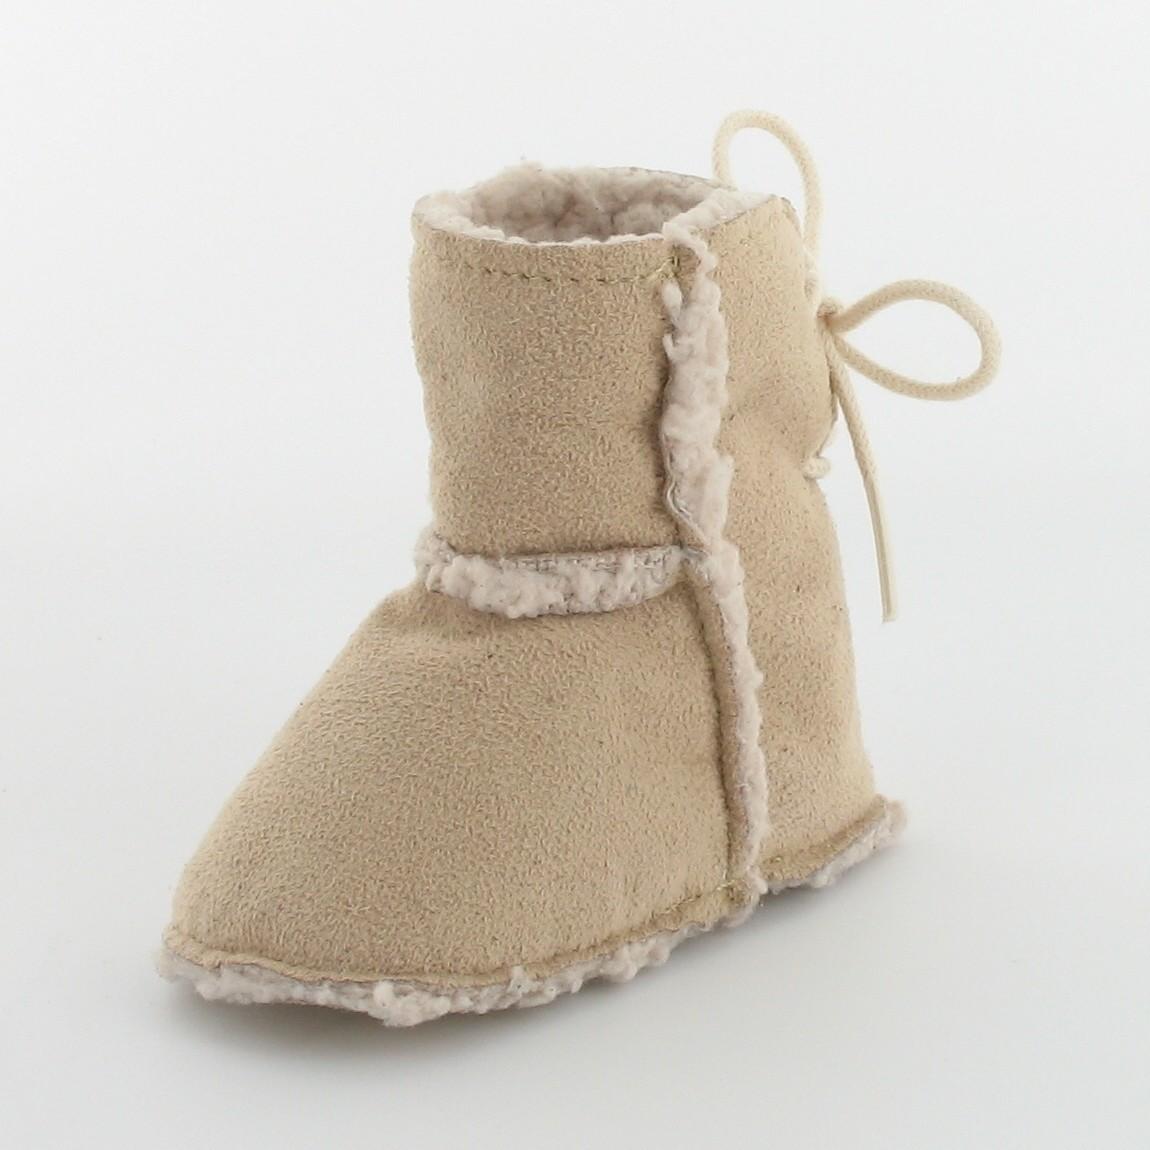 Collection hiver - Chaussons bébé   Fabrication française - Le Petit ... d8a4fa4244db